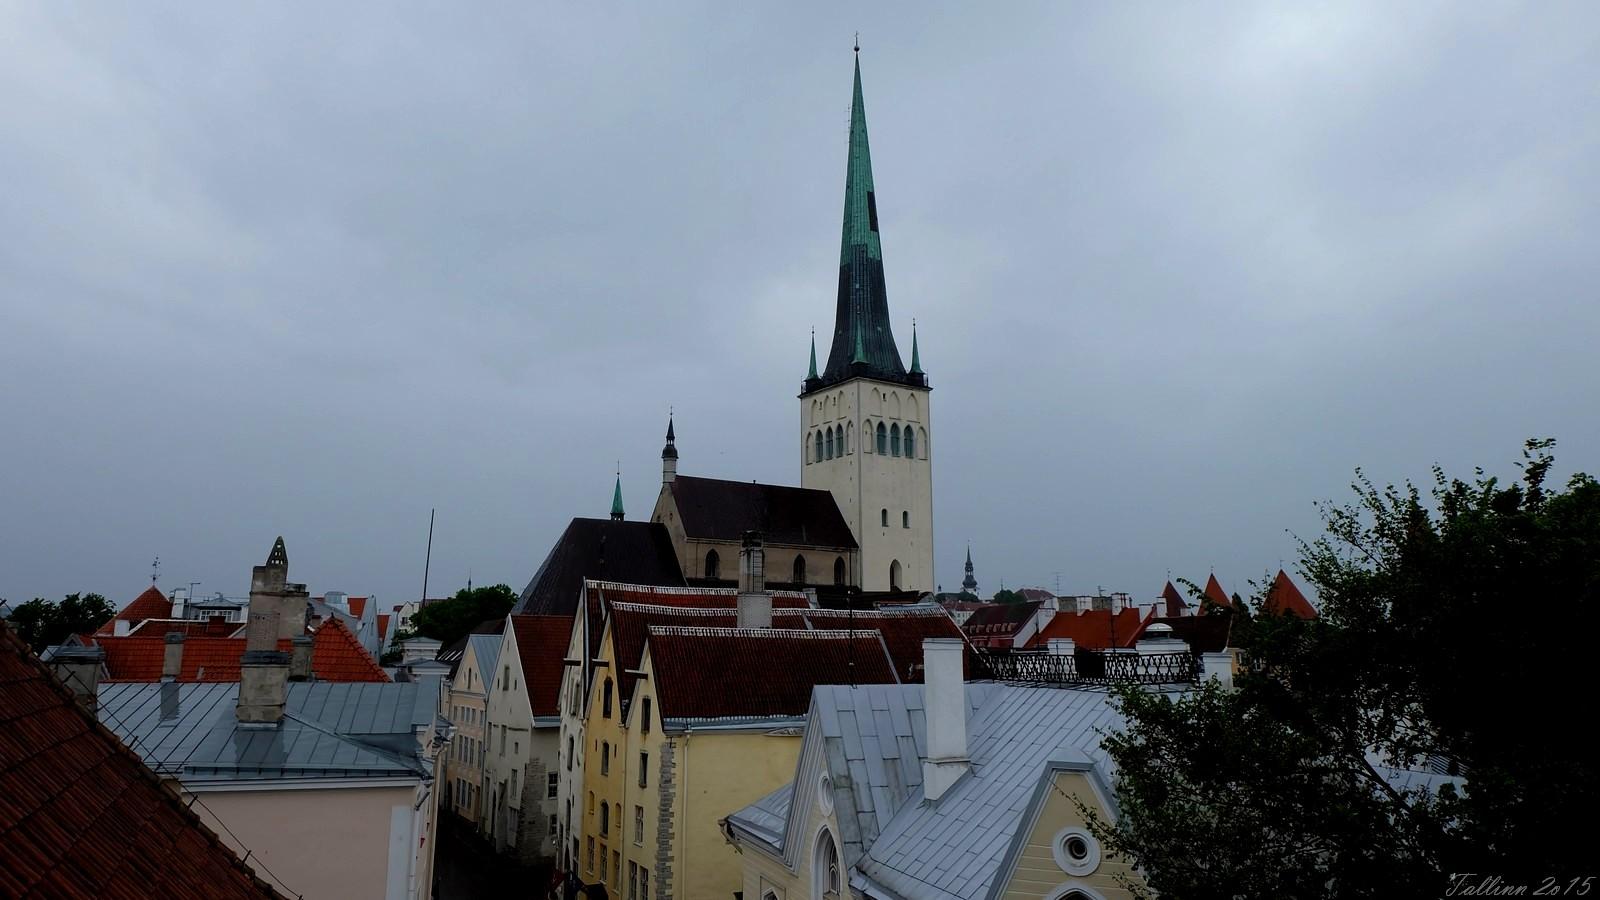 View from Fat Margarita, Eesti Meremuuseum, Tallinn, Eesti